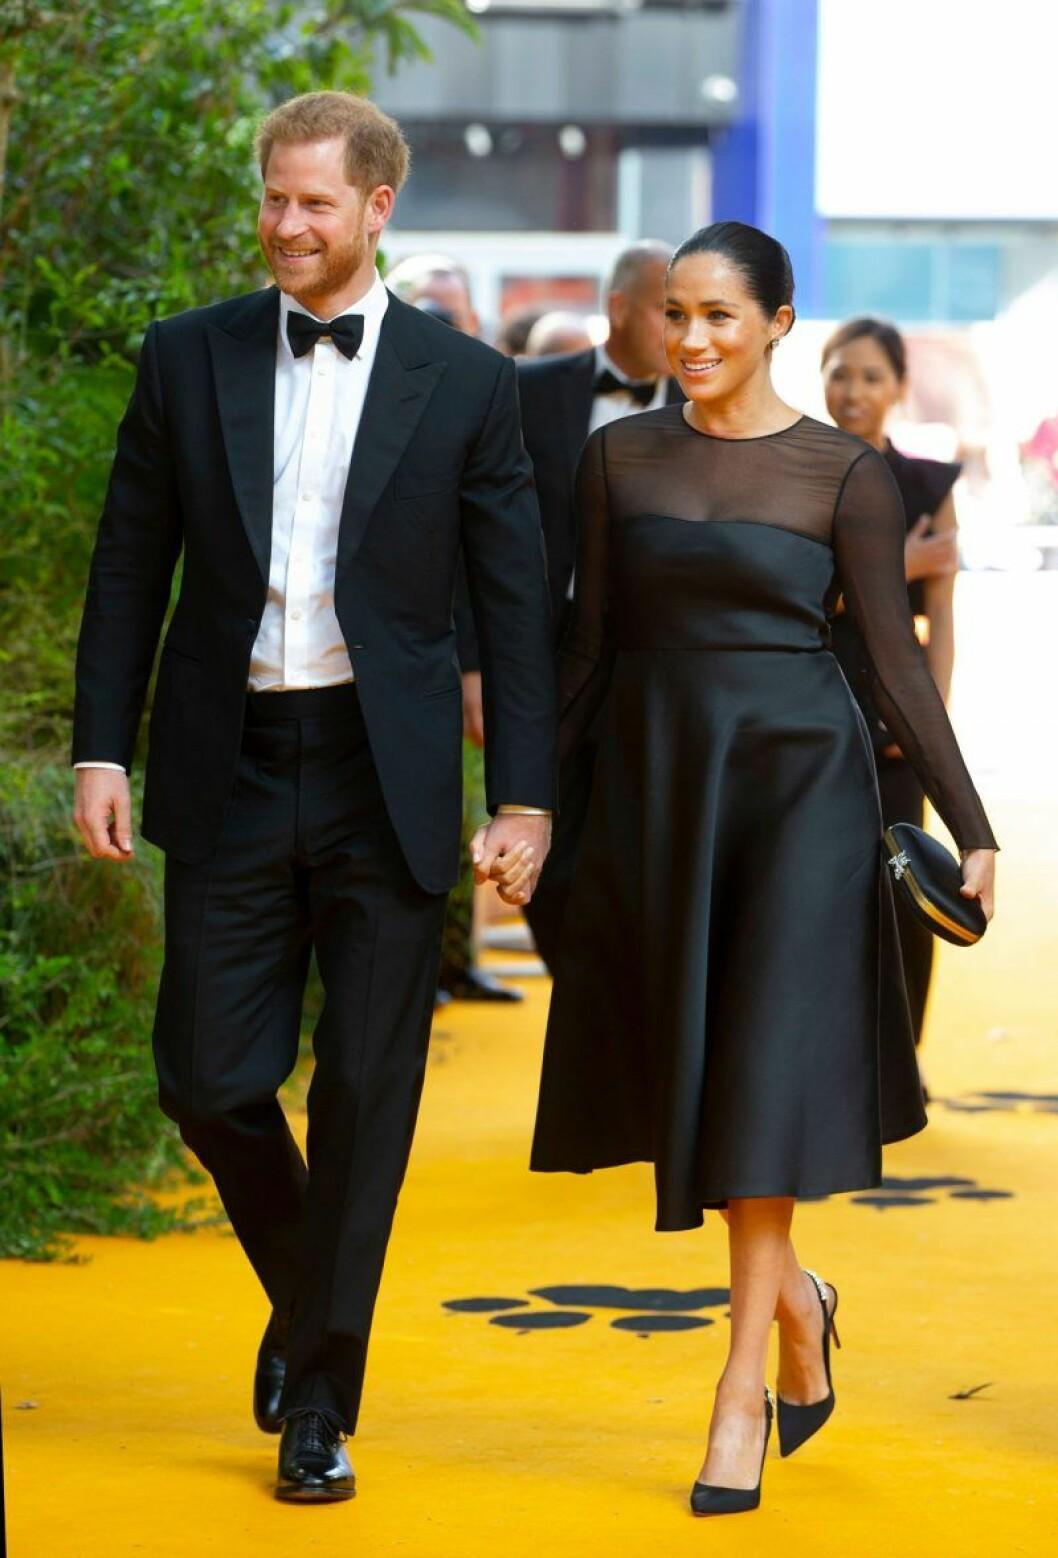 Meghan och prins Harry klädda i svart